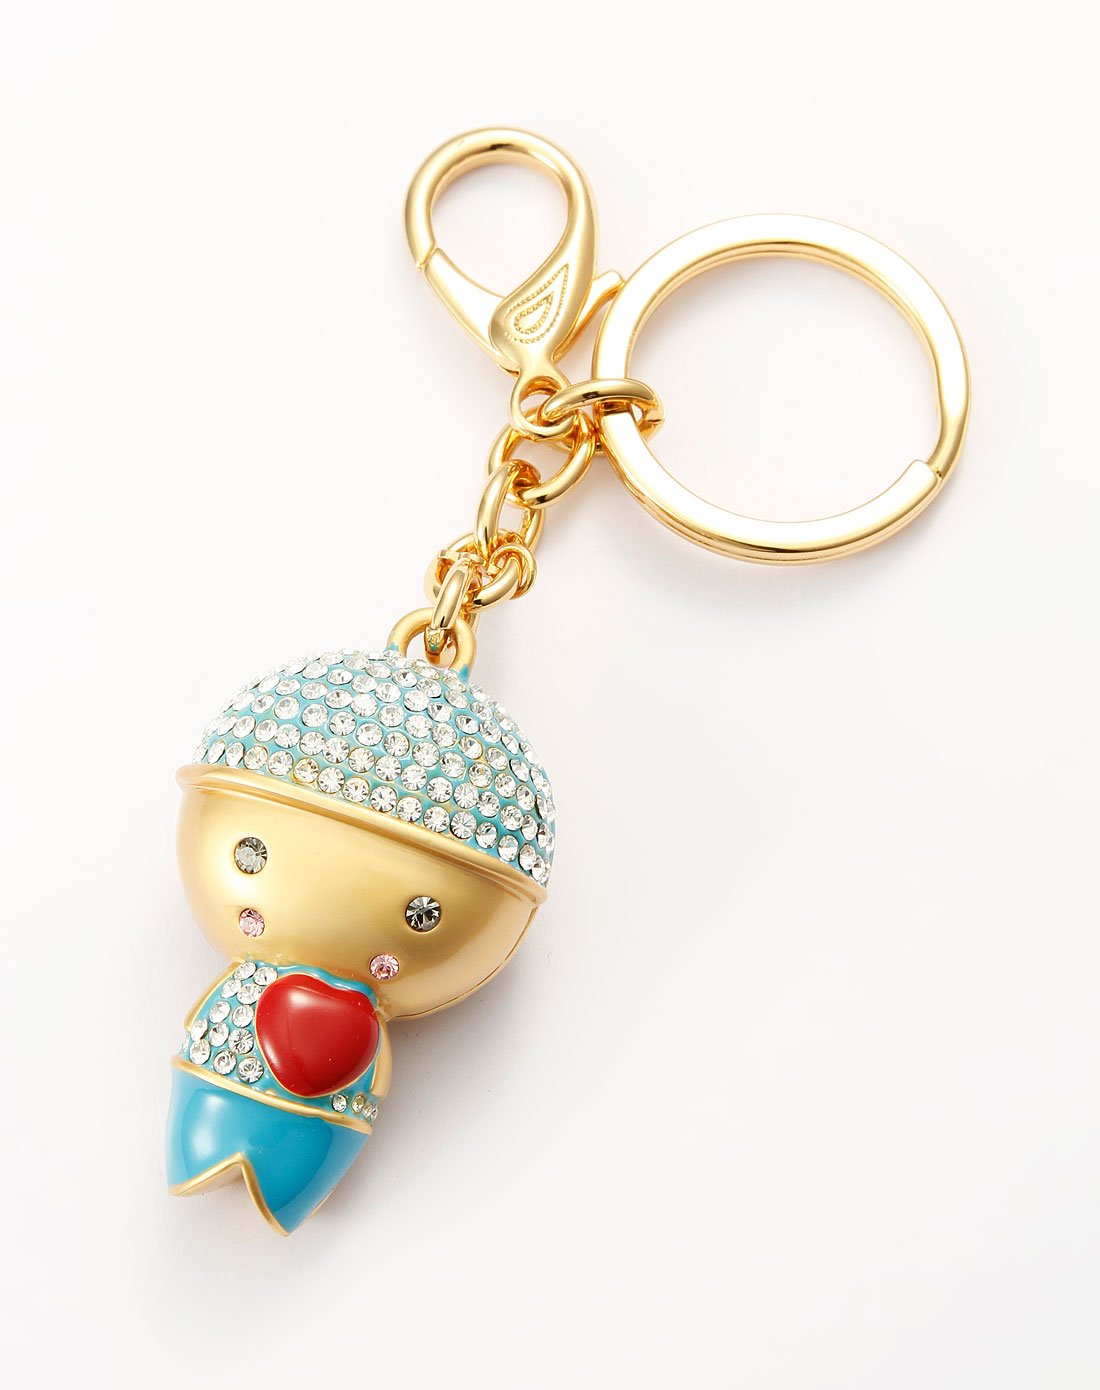 金/蓝色镶钻可爱小男孩钥匙扣